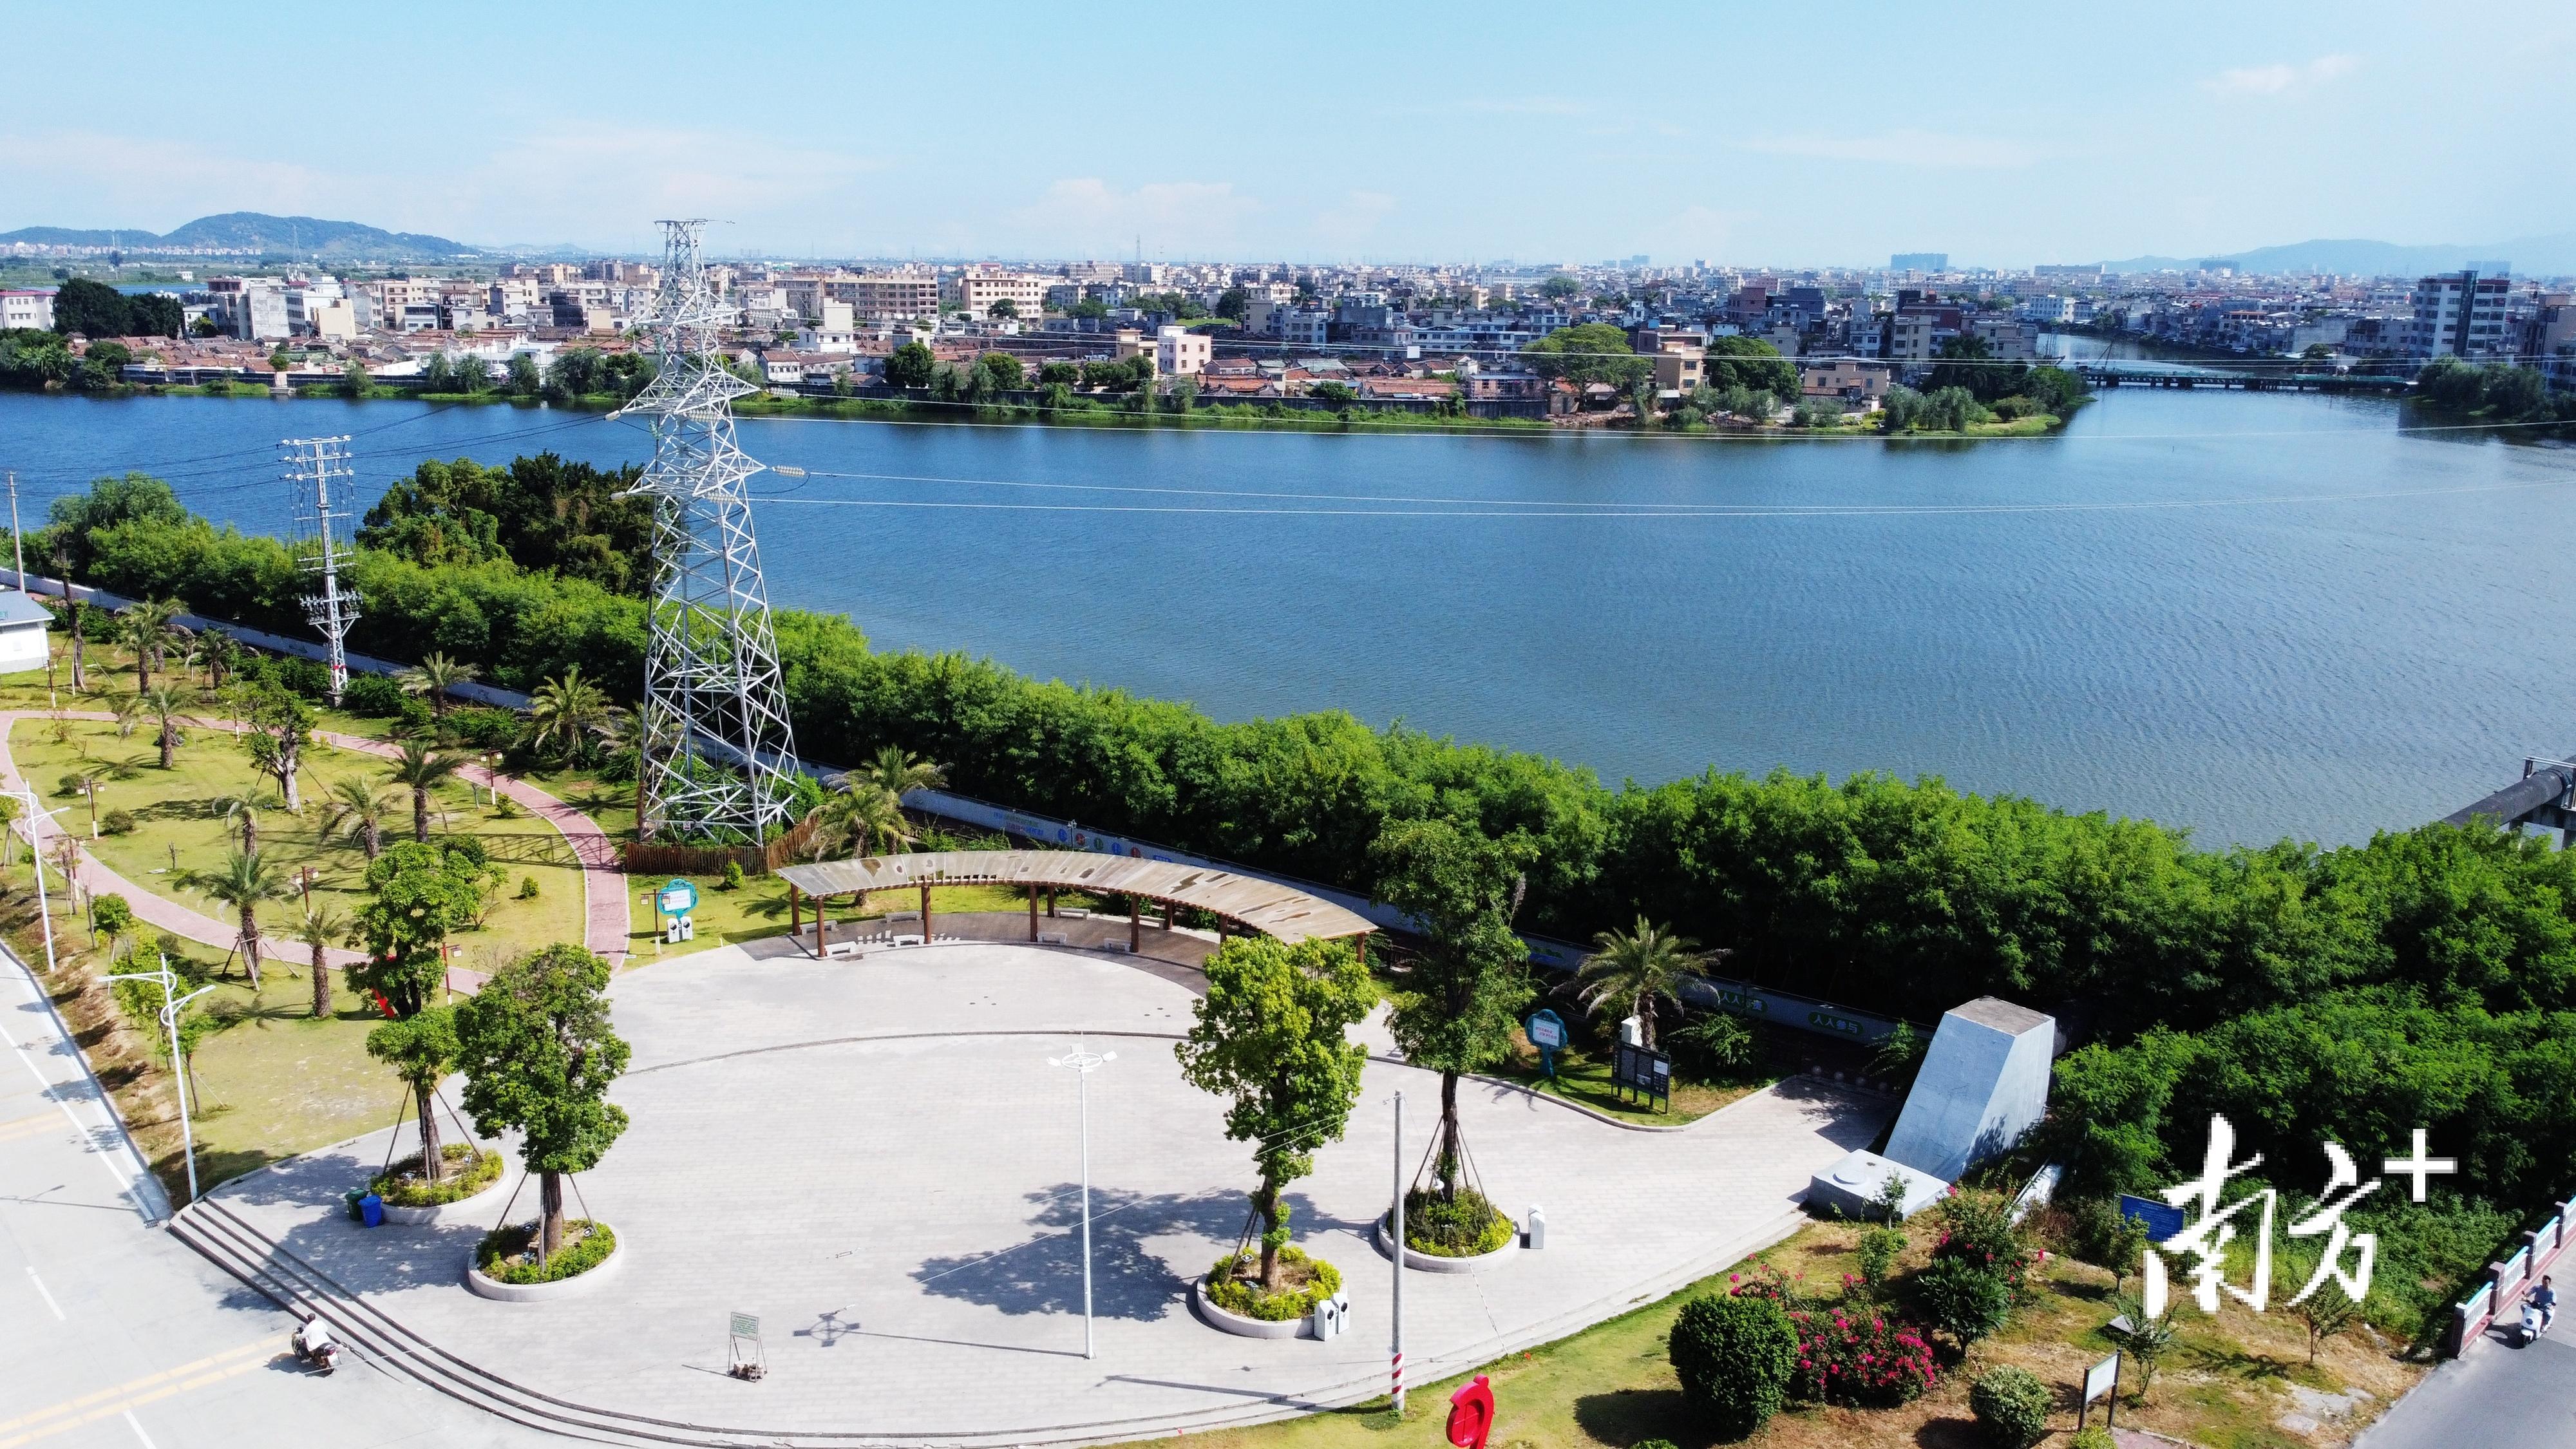 和平镇和平大桥旁的滨江公园,为新和社区居民提供一个亲水活动场所。  南方+ 张伟炜 拍摄